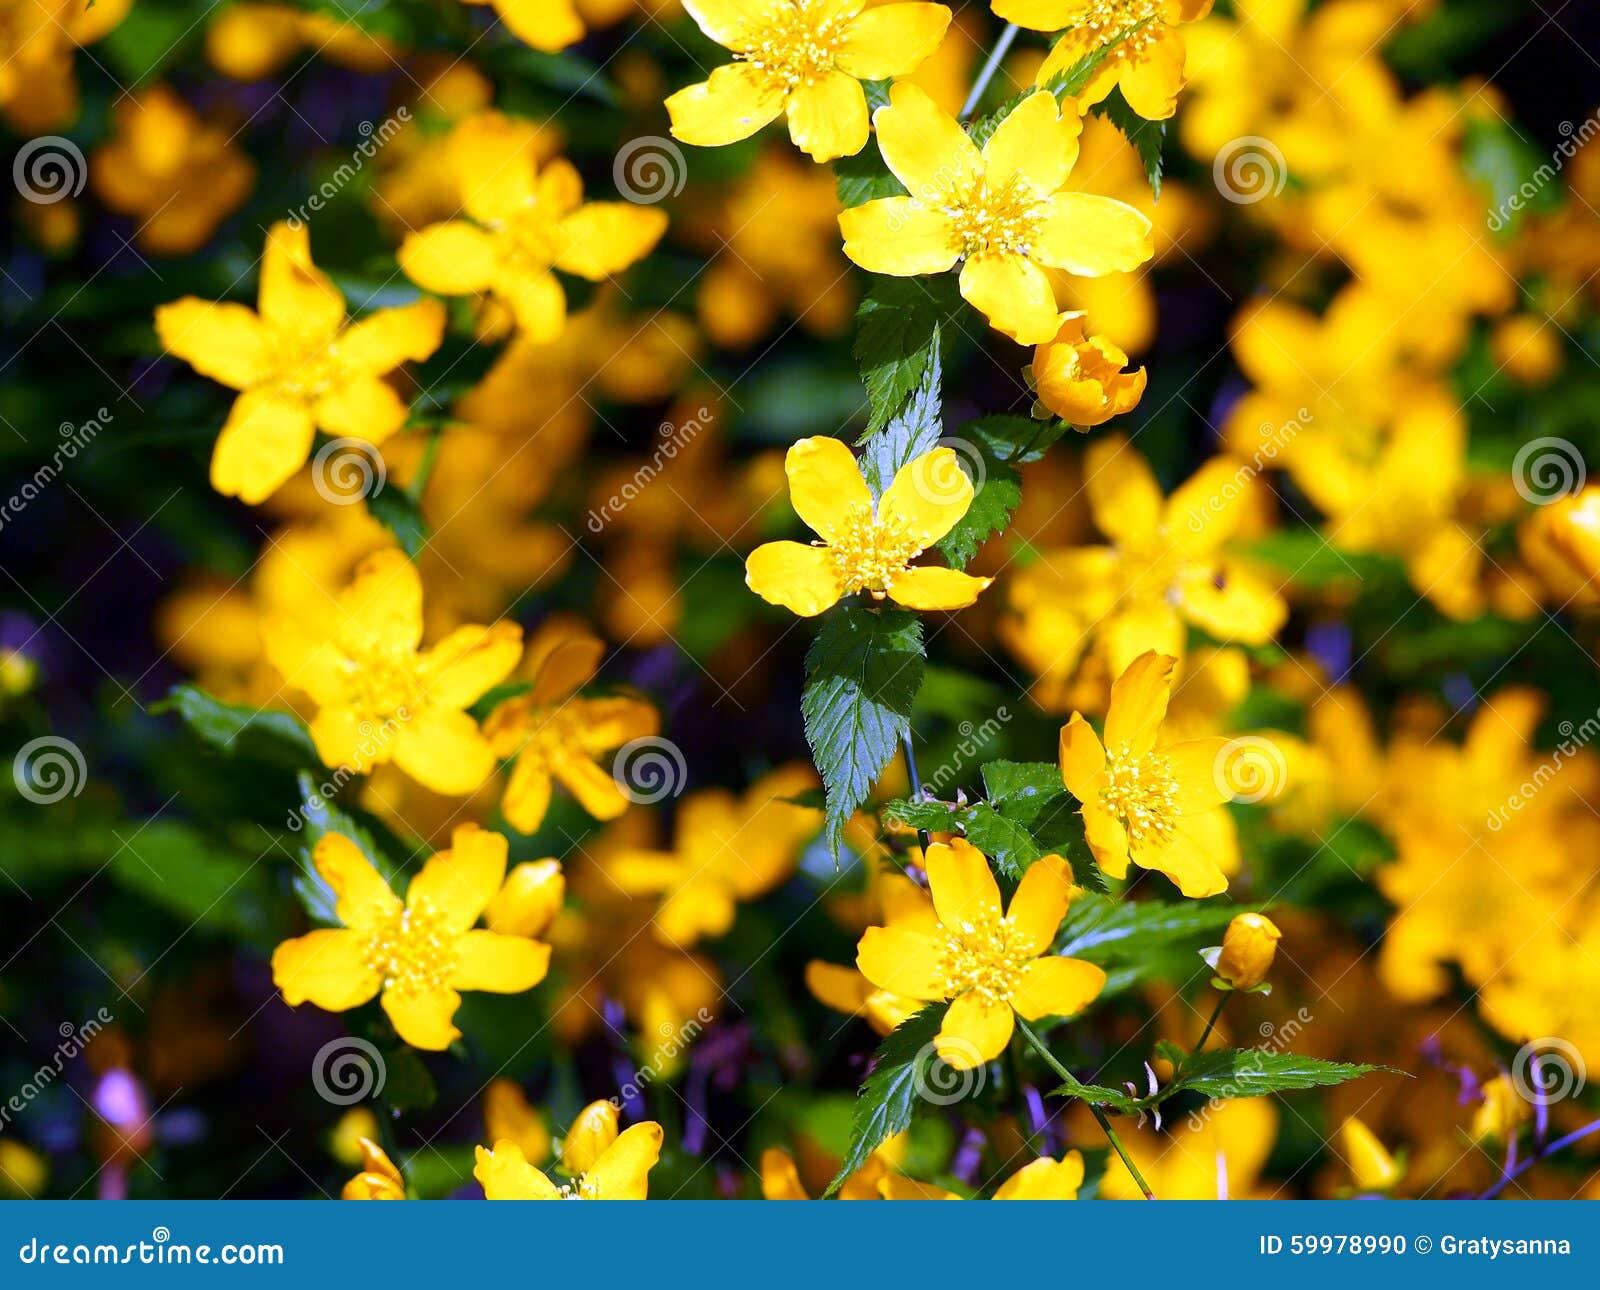 kerria japonica gelbe fr hlingsblumen stockfoto bild 59978990. Black Bedroom Furniture Sets. Home Design Ideas